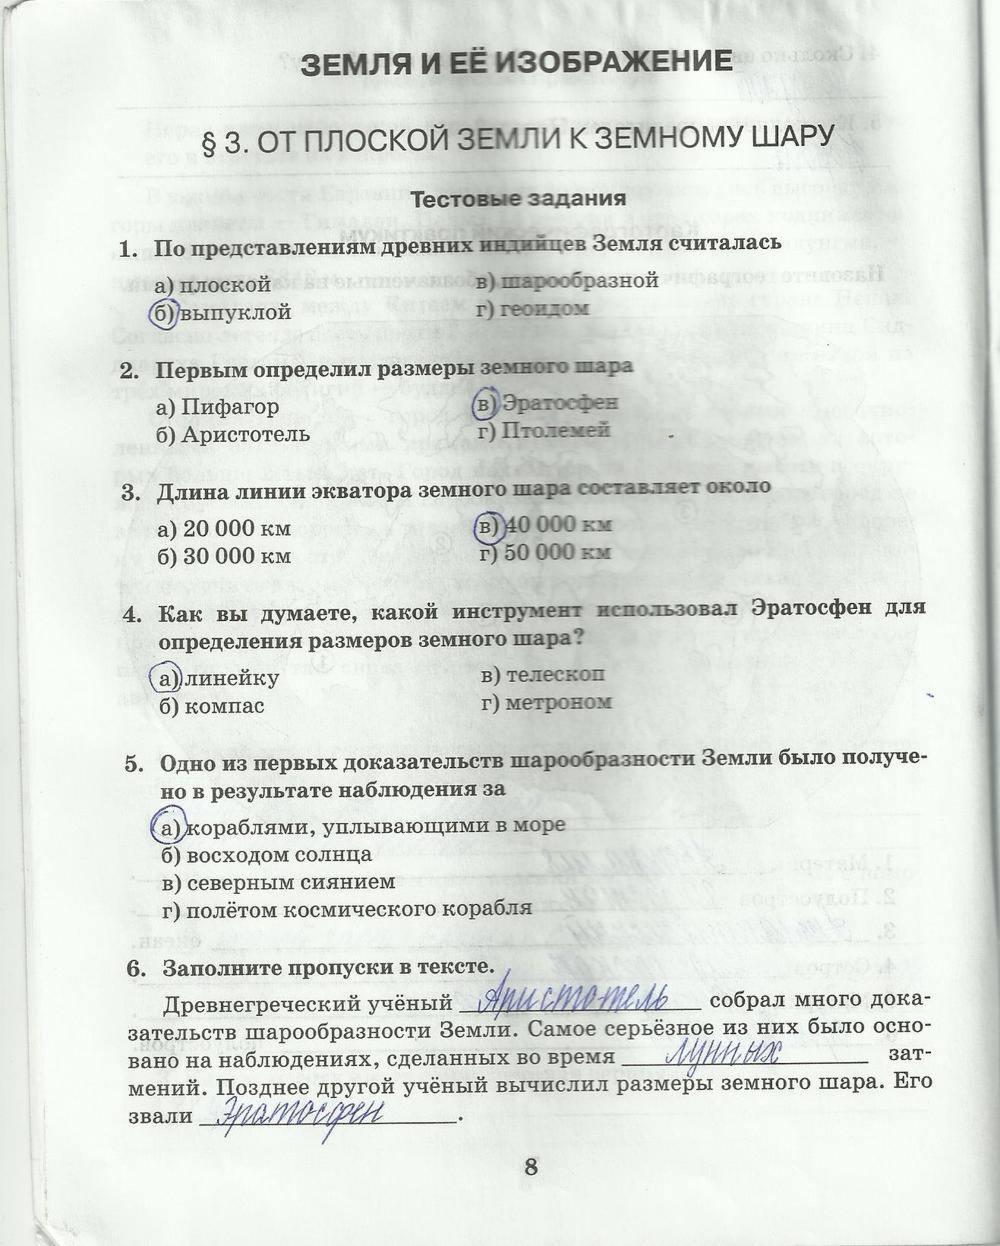 География гдз 7 класс учебник домогацких ответы на итоговые задания